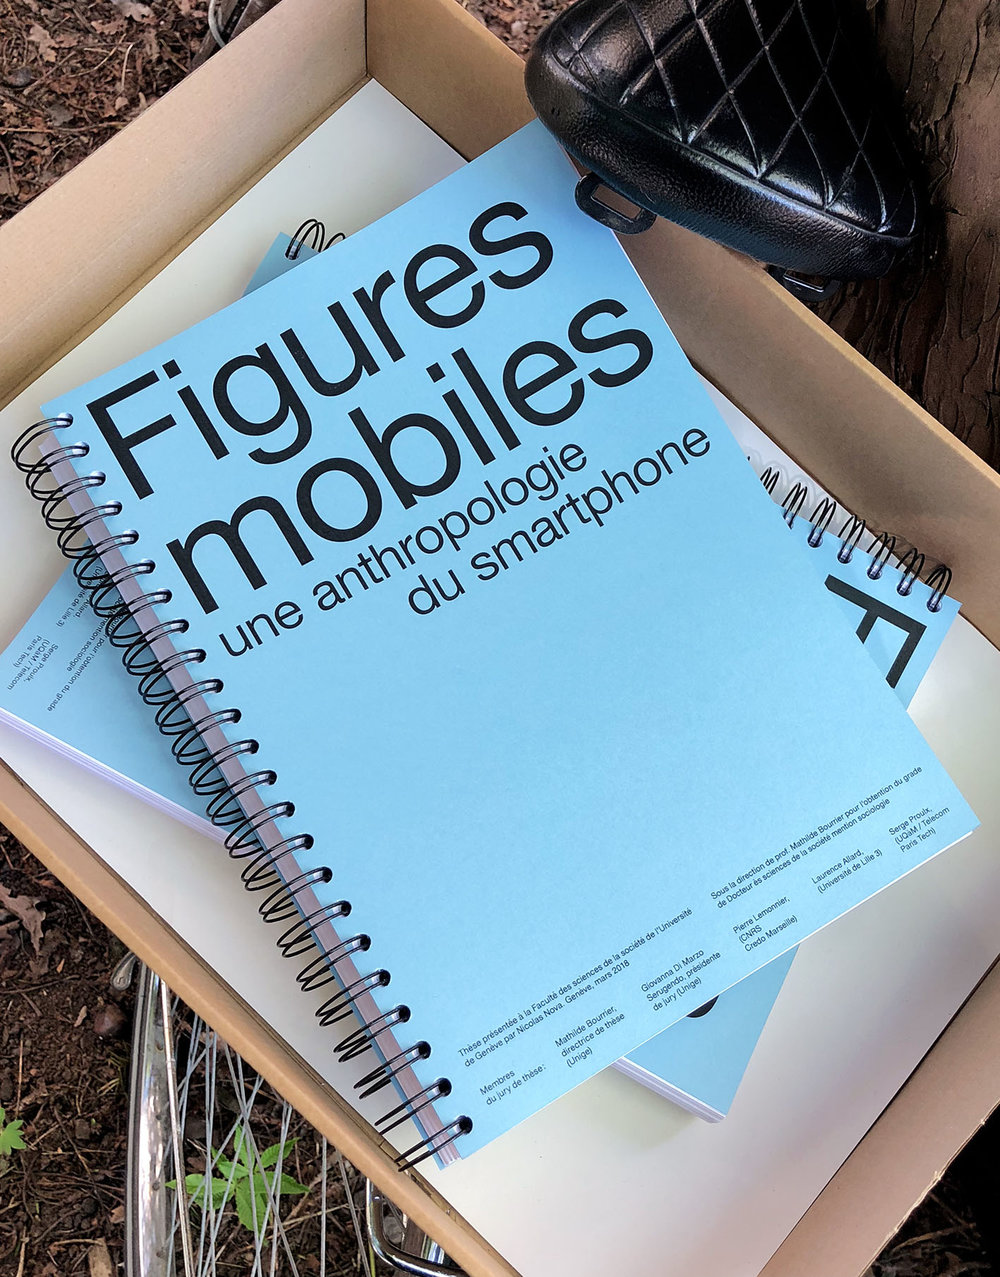 figures-mobiles1.jpg